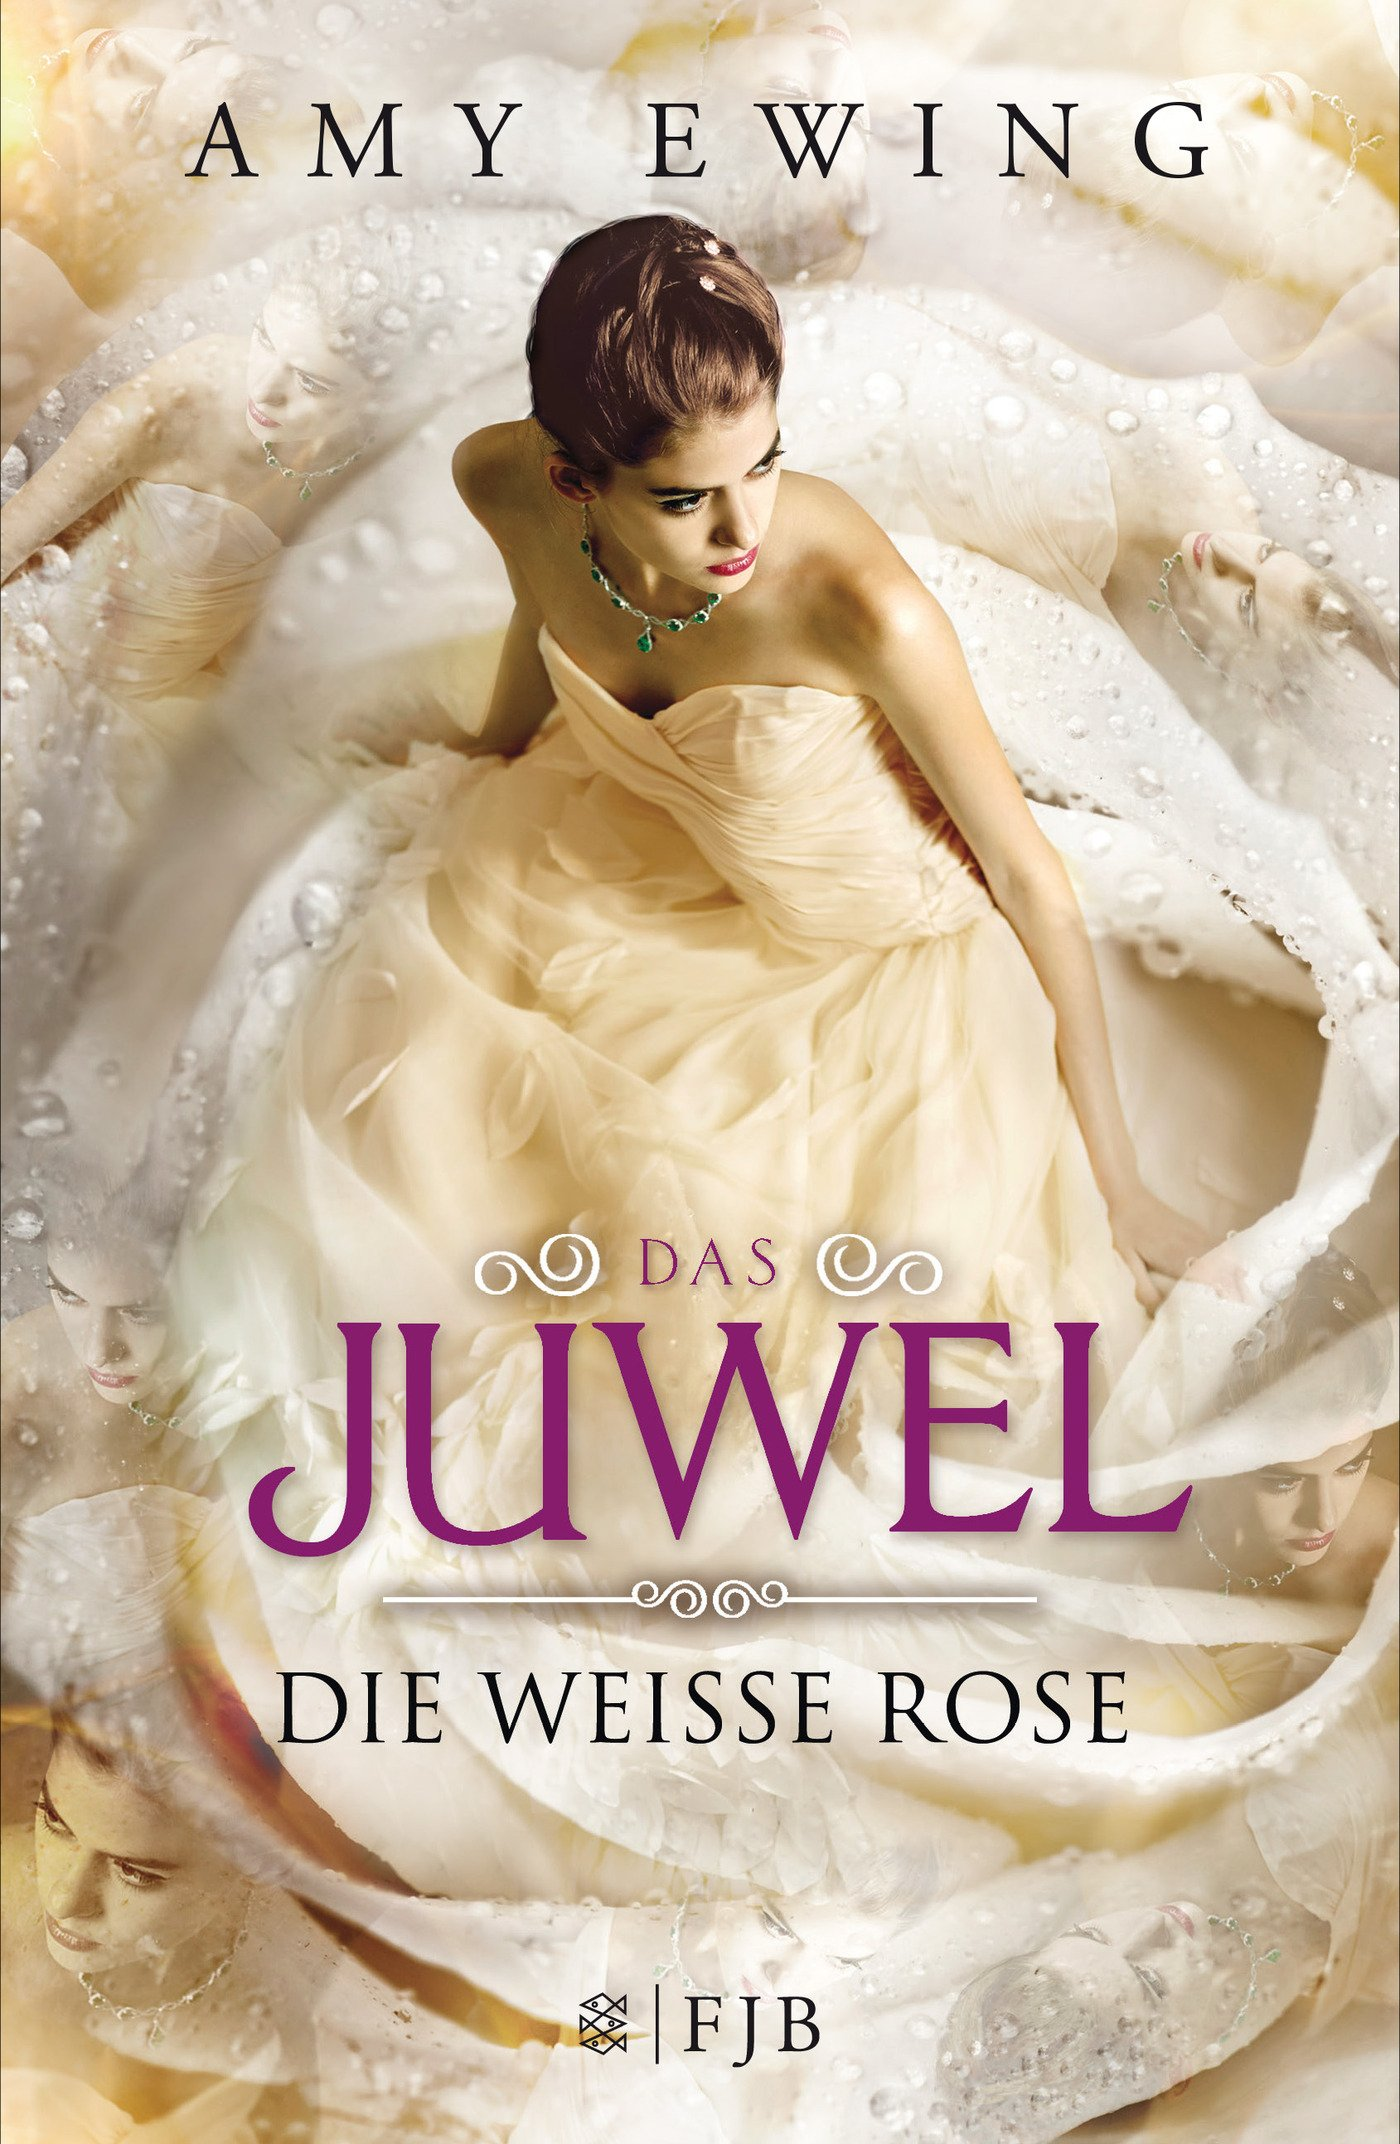 Das Juwel- Die weiße Rose